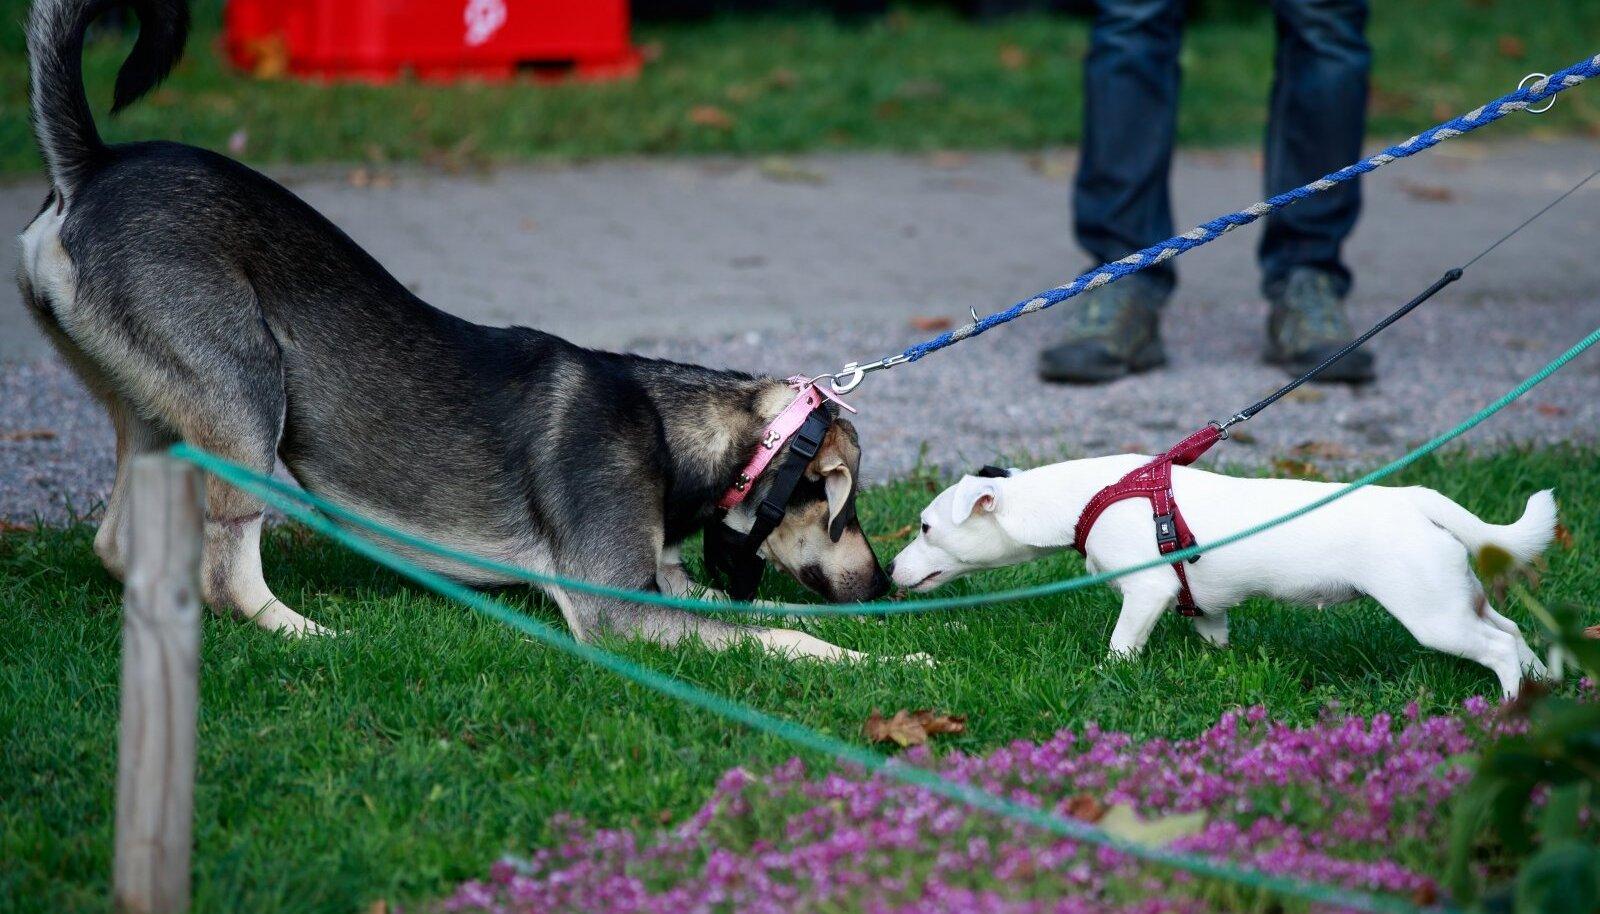 Teise koera lõhn on kutsule infoallikaks